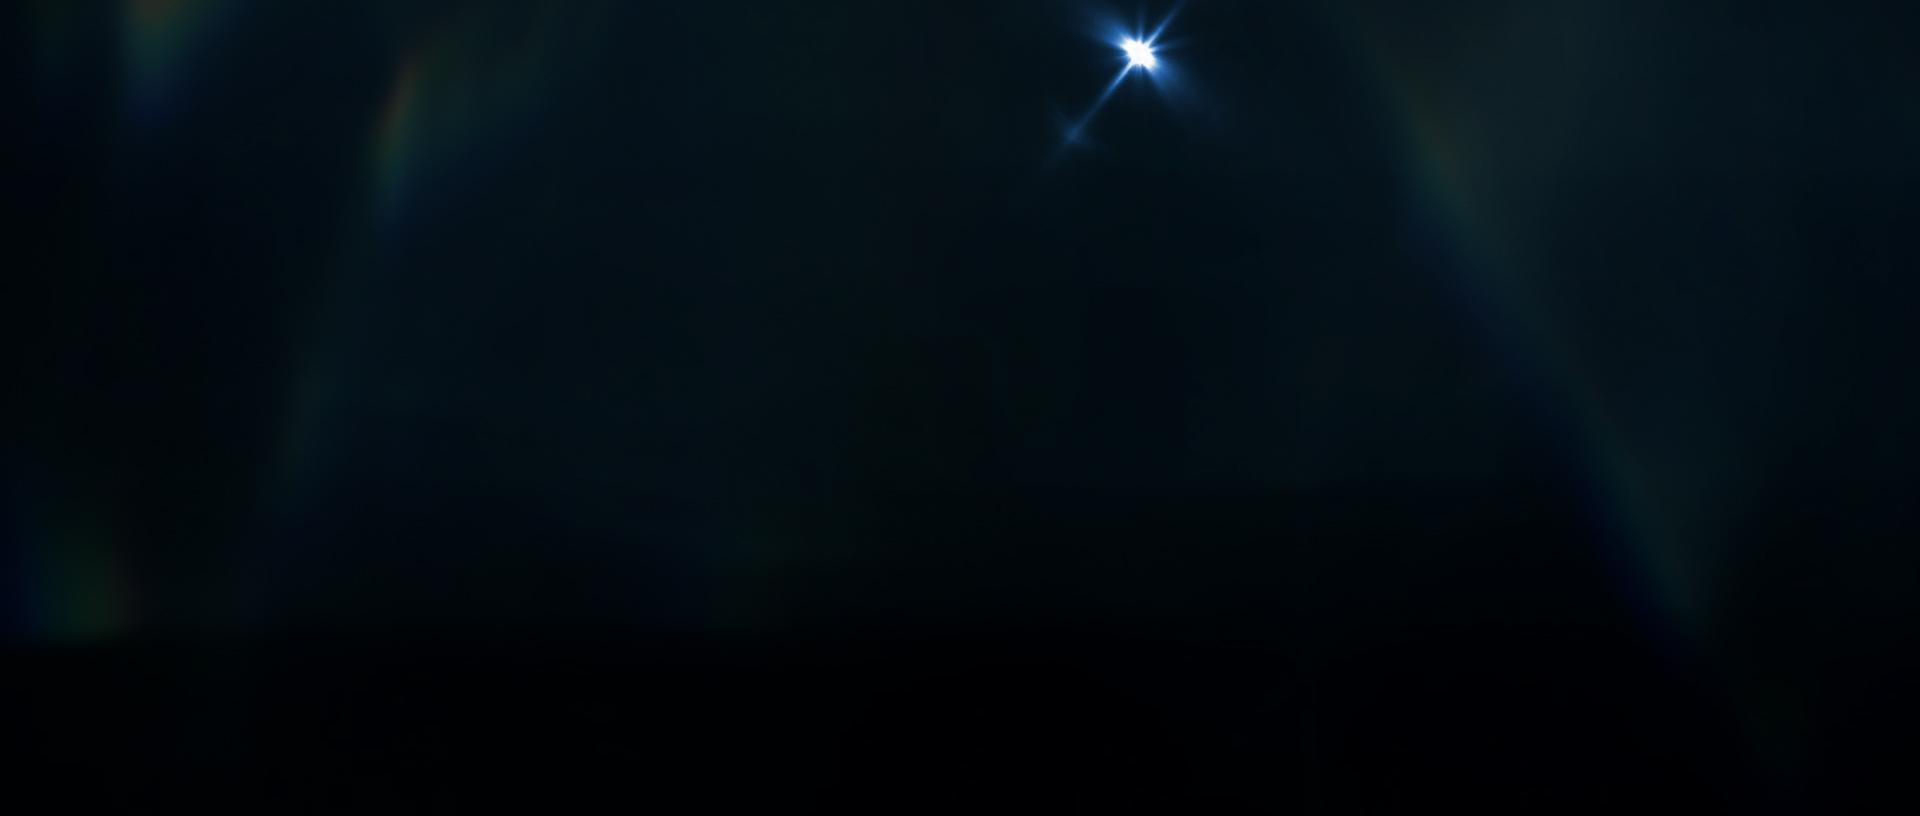 DT_Arrival_LightLeak_Flare.jpg